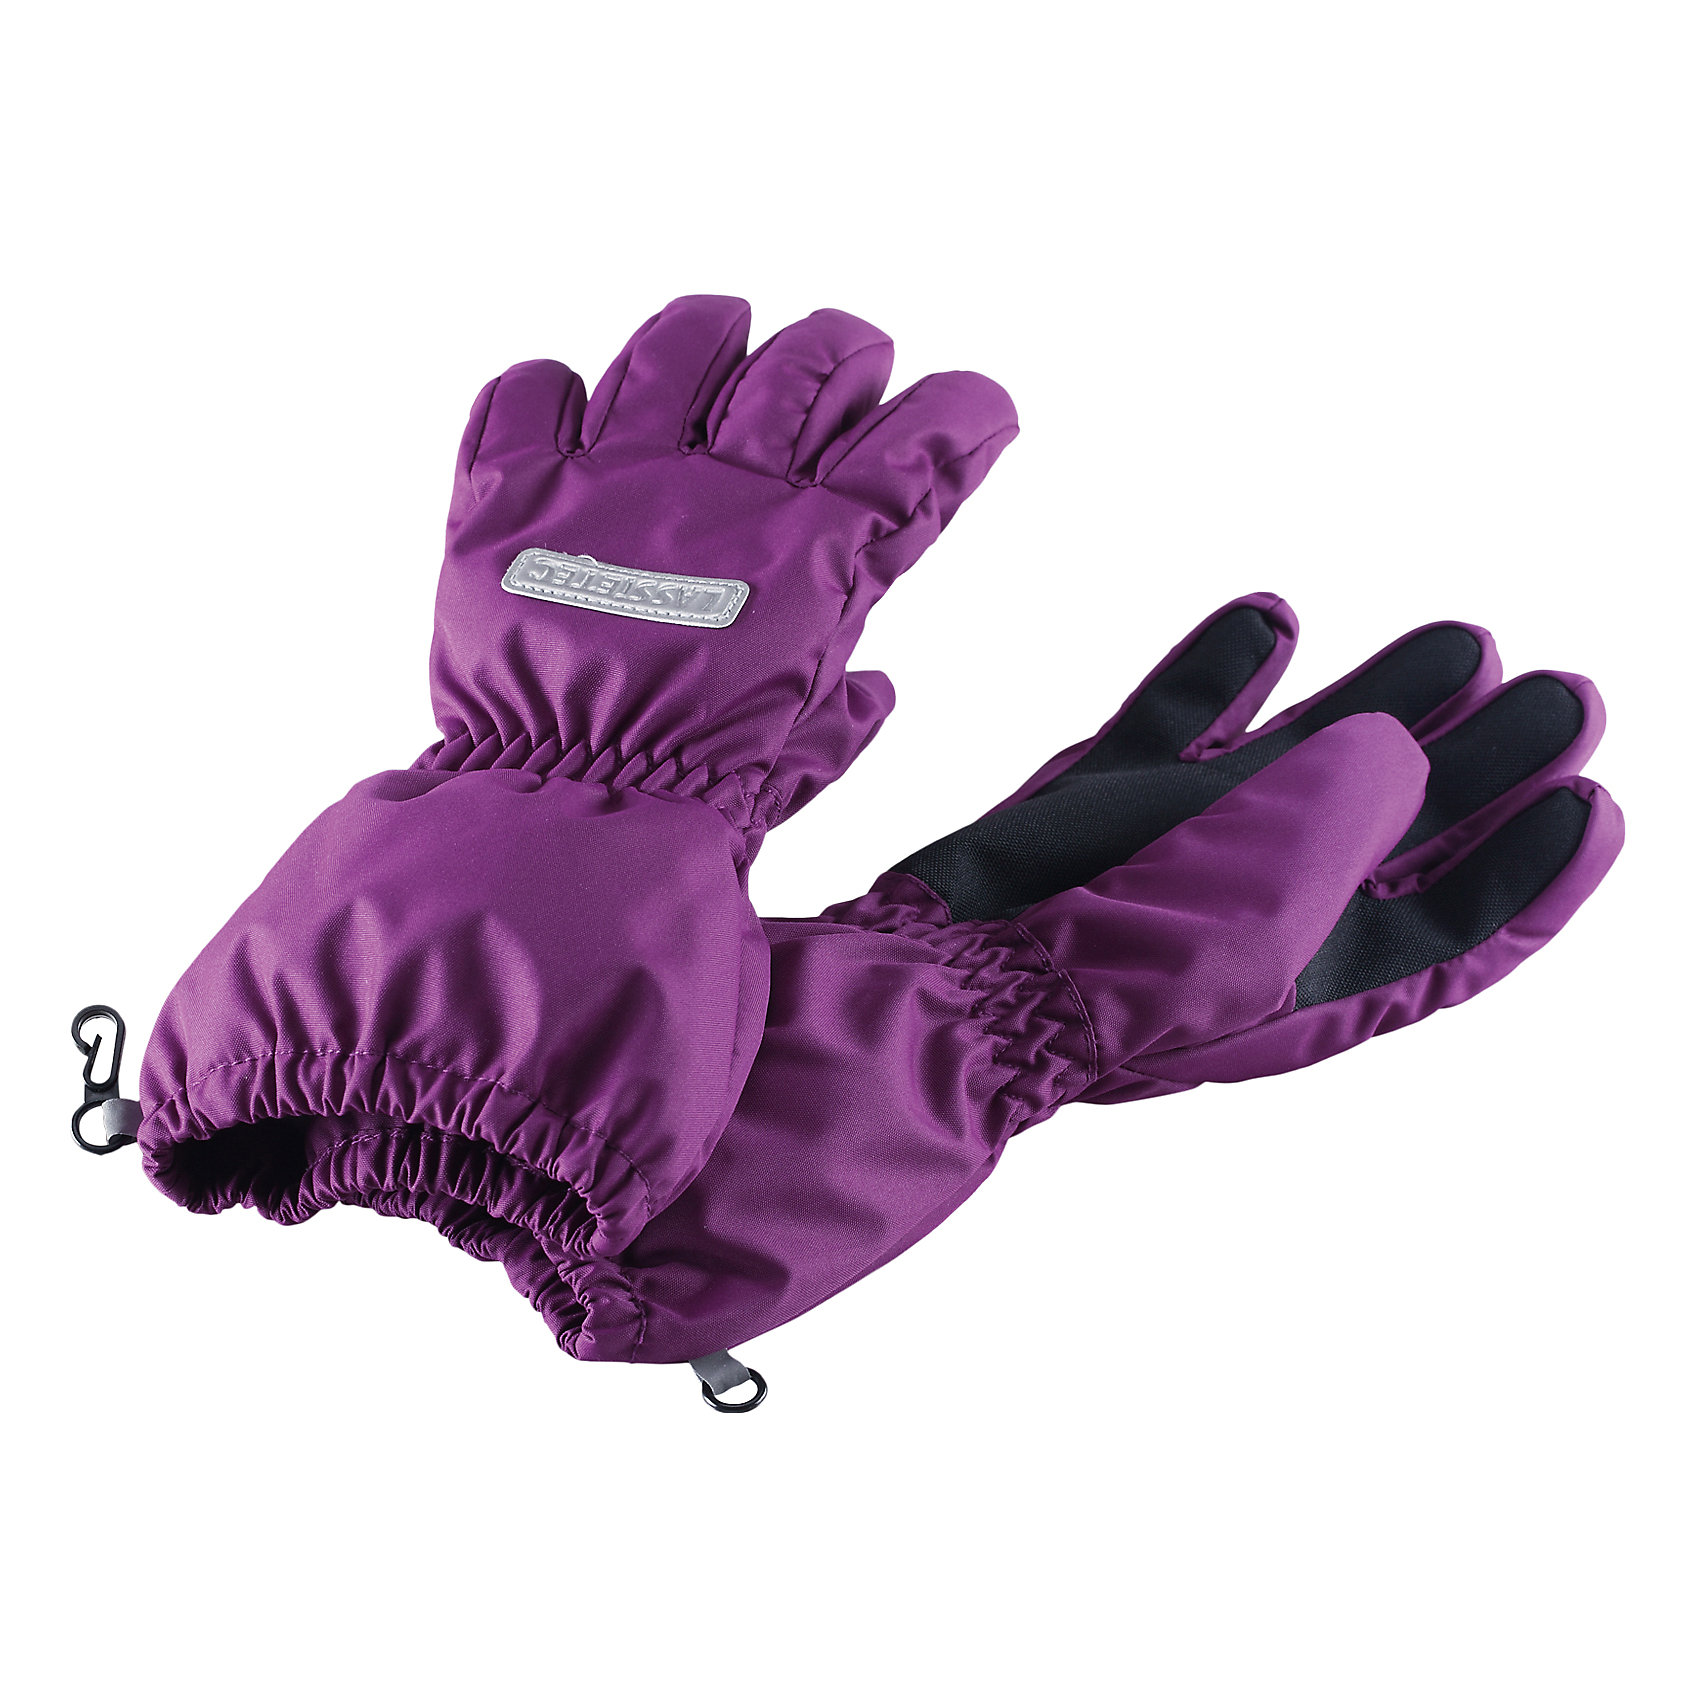 Перчатки LASSIEПерчатки и варежки<br>Зимние перчатки для детей Lassietec®.<br><br>- Водонепроницаемая вставка. Водо- и ветронепроницаемый «дышащий» материал. <br>- Накладки на ладонях и больших пальцах.<br>- Подкладка из полиэстера с начесом.<br>- Средняя степень утепления. <br>- Светоотражающая эмблема Lassie®.  <br><br>Рекомендации по уходу: Полоскать без специального средства. Сушить при низкой температуре. <br><br>Состав: 100% Полиамид, полиуретановое покрытие.  Утеплитель «Lassie wadding» 120гр.<br><br>Ширина мм: 162<br>Глубина мм: 171<br>Высота мм: 55<br>Вес г: 119<br>Цвет: фиолетовый<br>Возраст от месяцев: 48<br>Возраст до месяцев: 72<br>Пол: Женский<br>Возраст: Детский<br>Размер: 4,6,3,5<br>SKU: 4780568